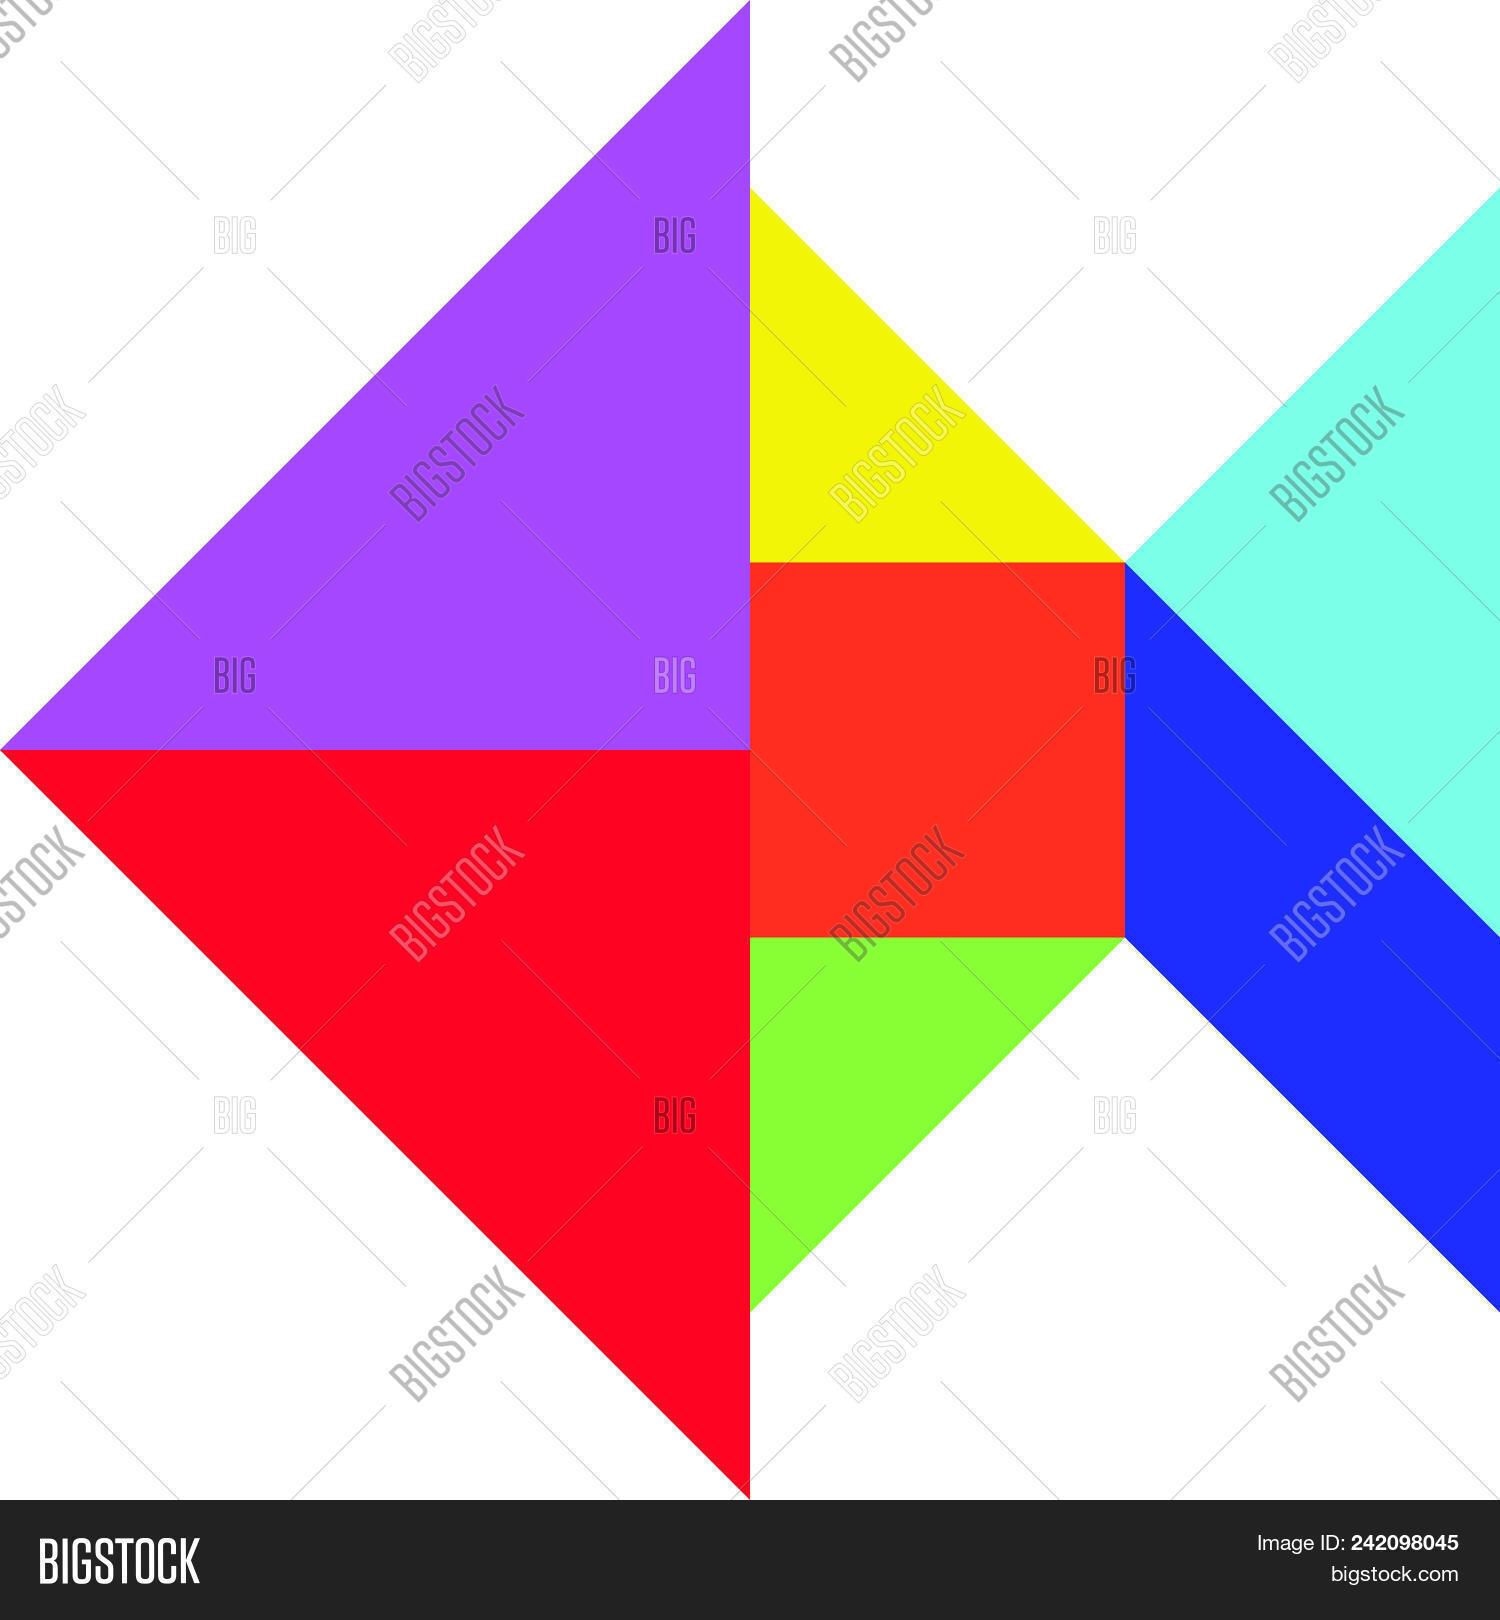 Color Tangram Fish Vector & Photo (Free Trial) | Bigstock